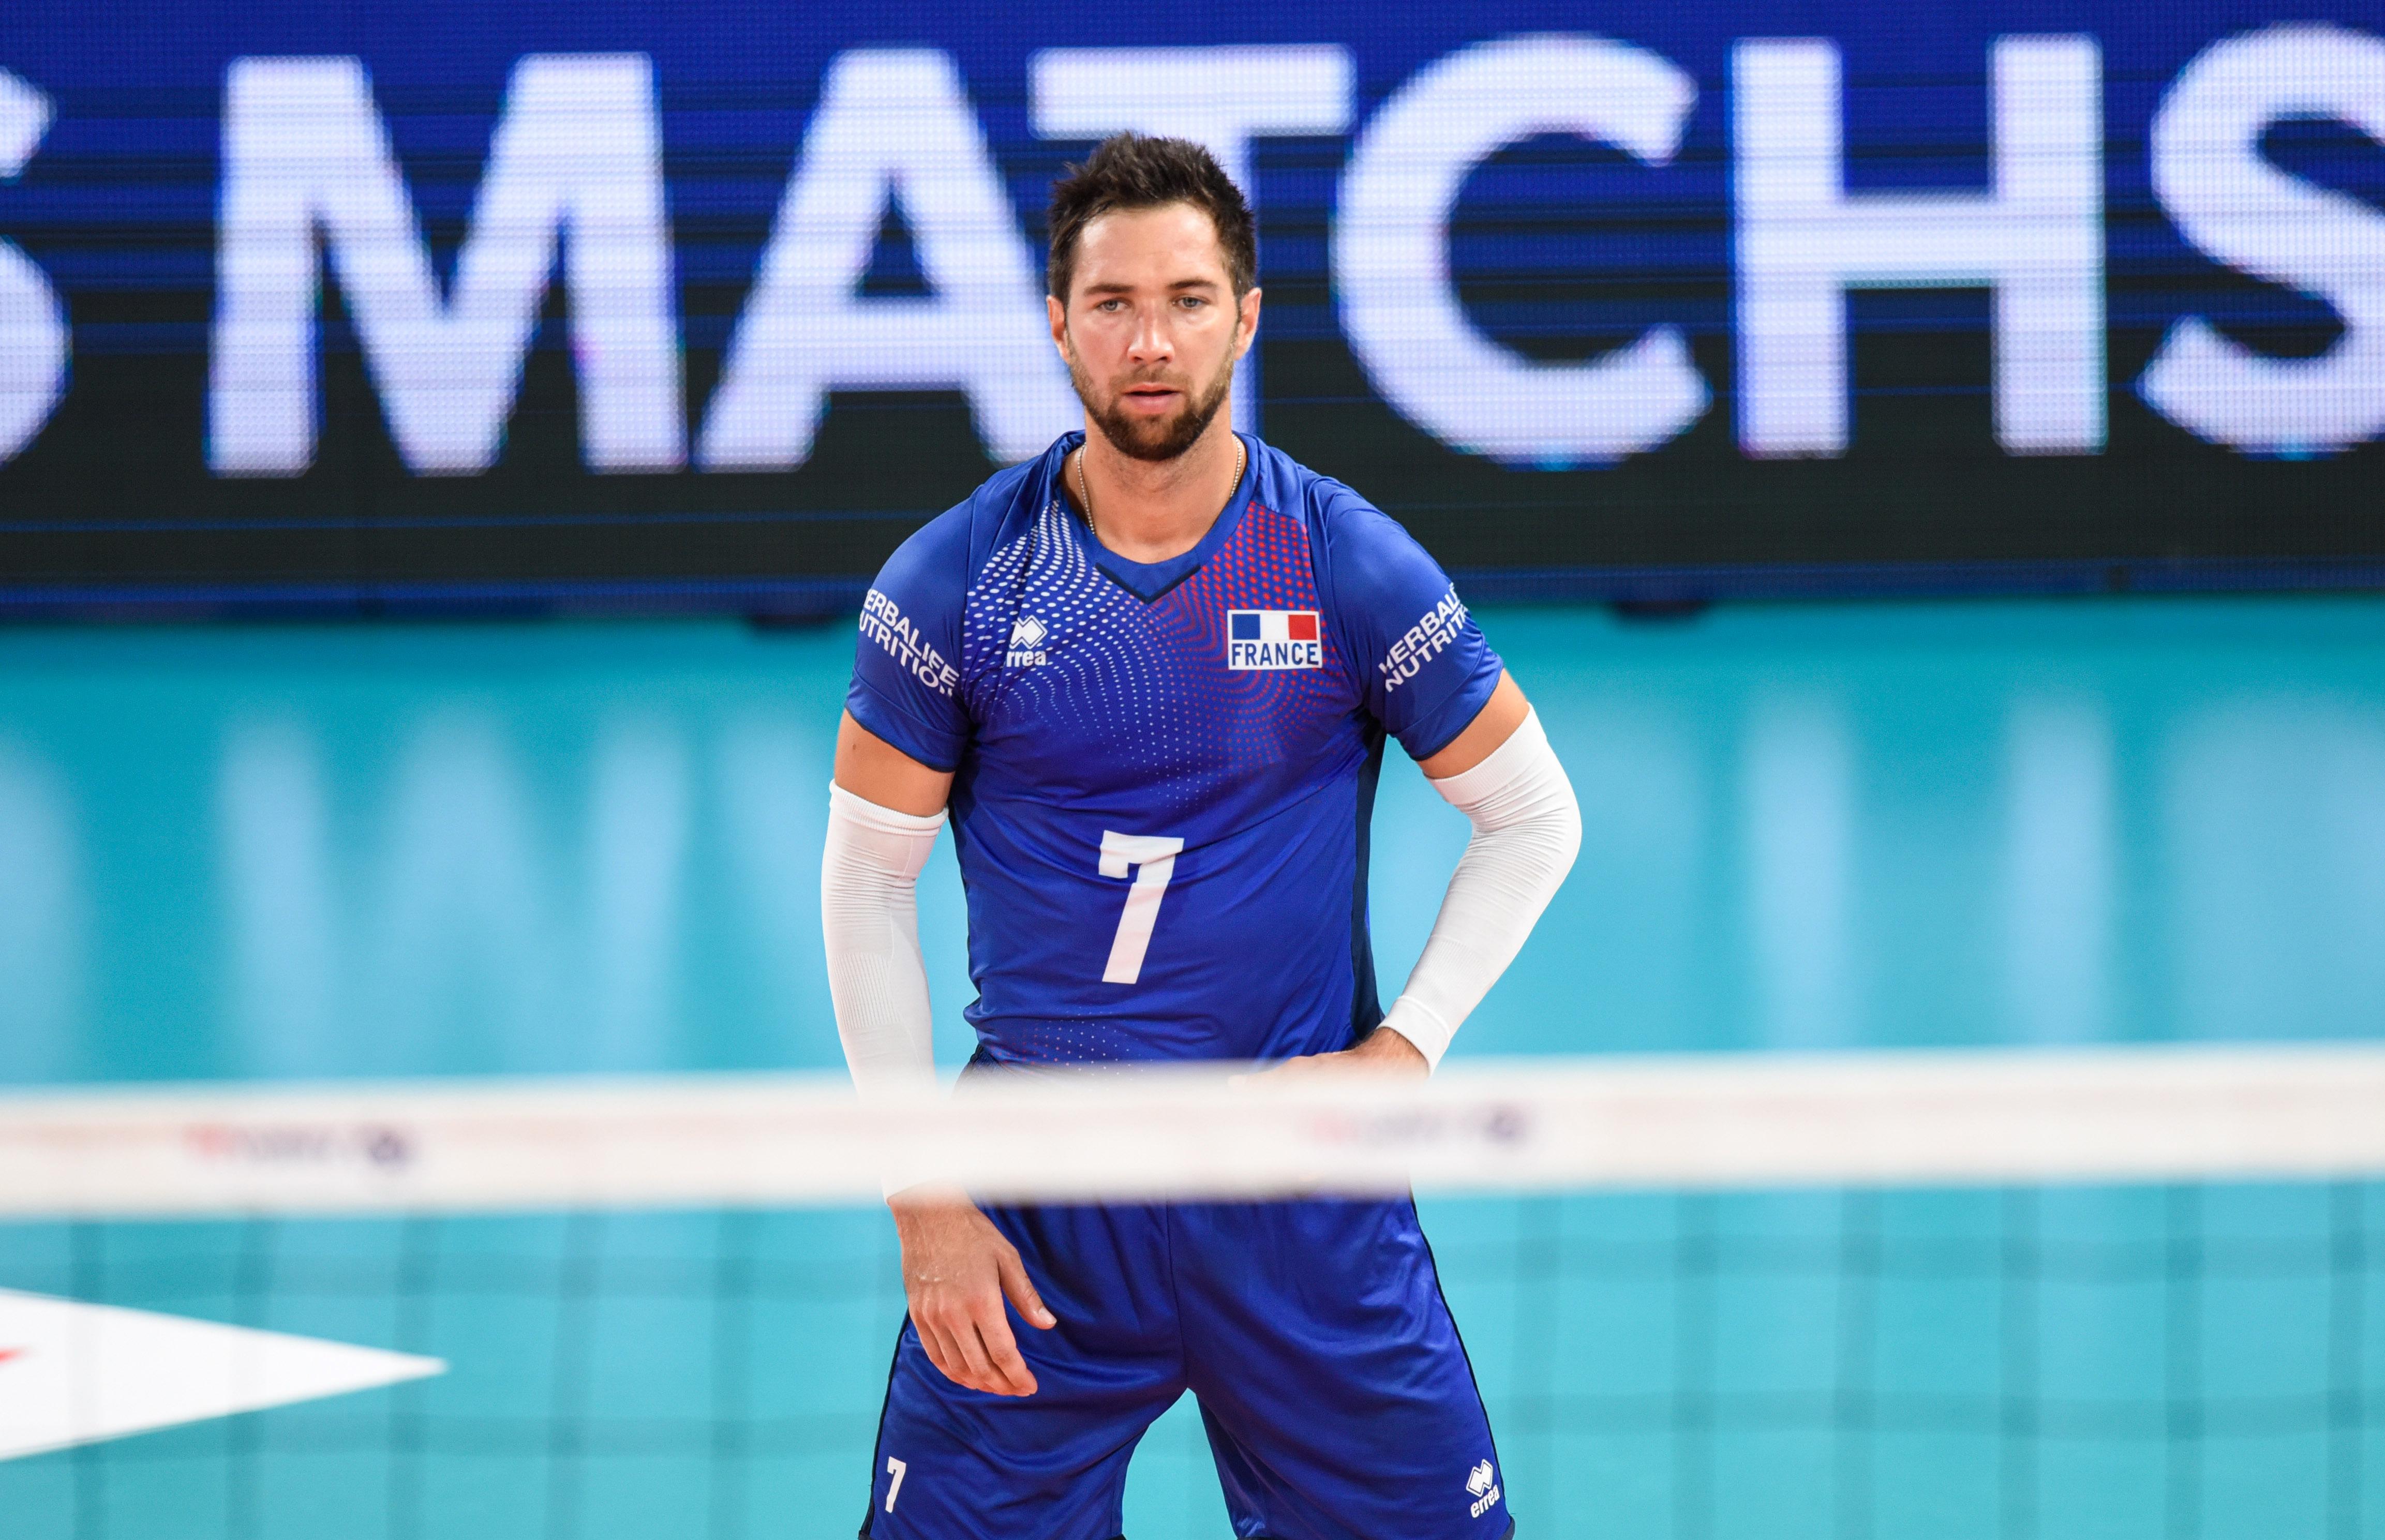 Volley - Equipe de France - Kevin Tillie : «L'Euro peut marquer un tournant pour le volley en France»